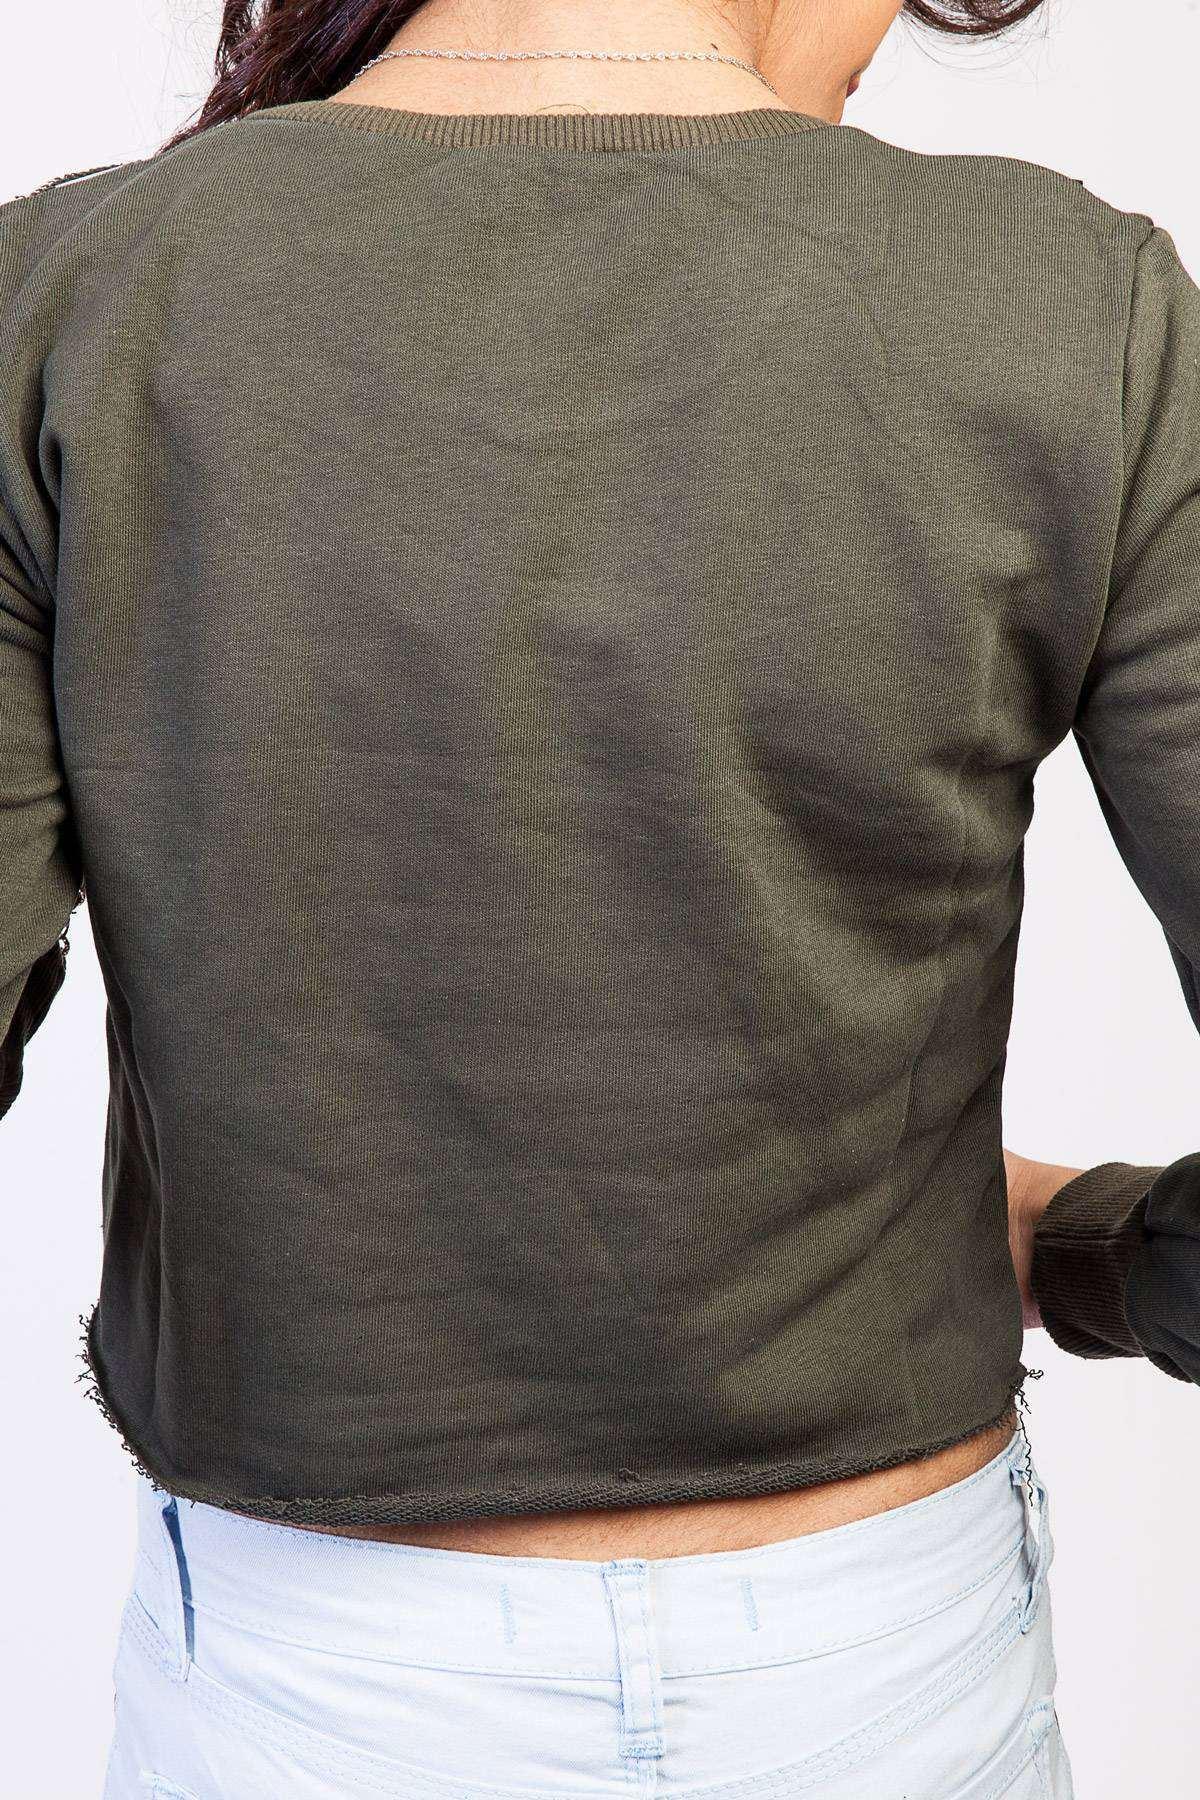 Kolu Lazer Kesikli Yanlar Yazı Şeritli Mini Sweatshirt Haki